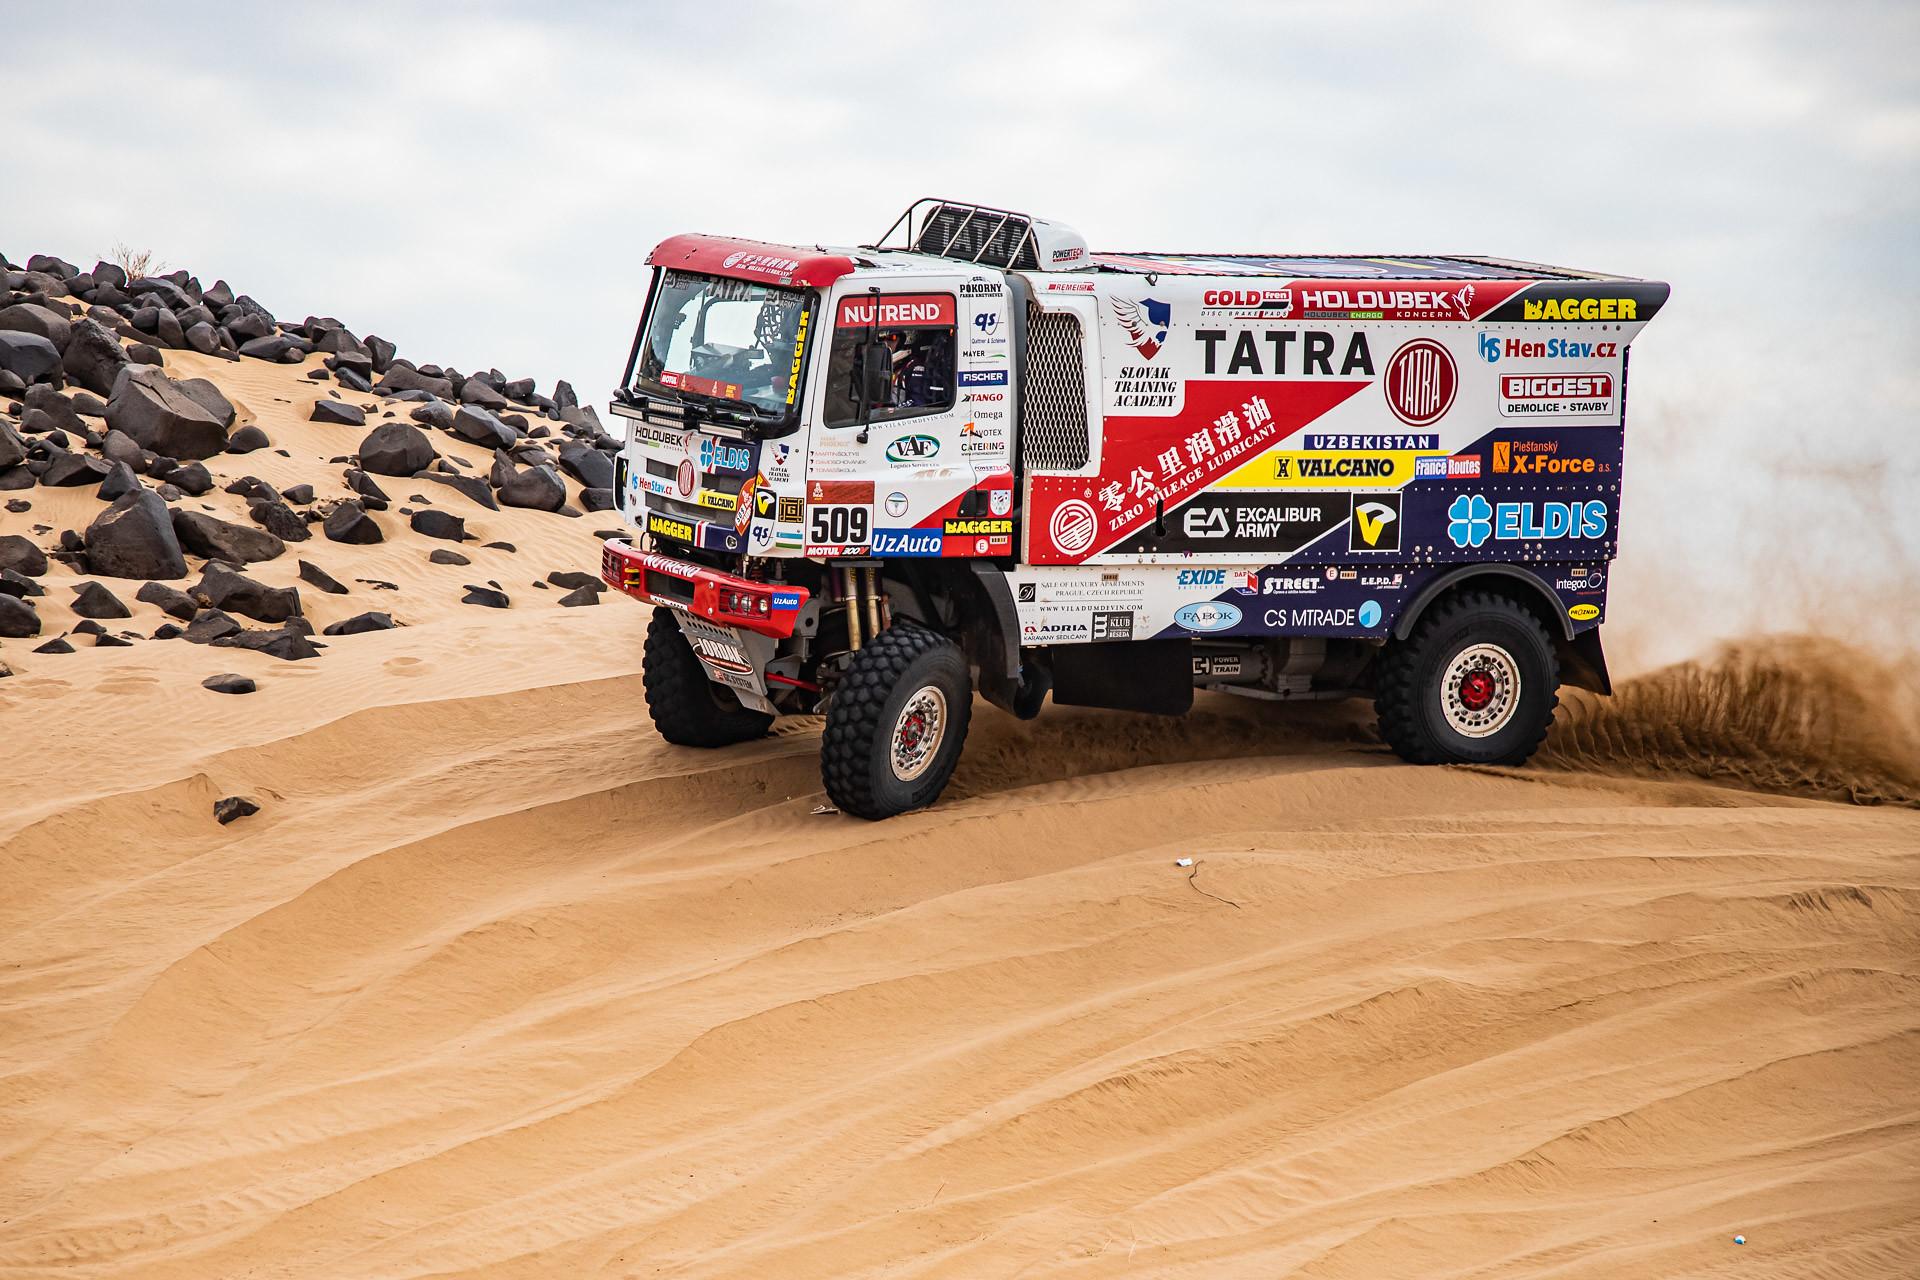 20200102_Dakar_MP_058